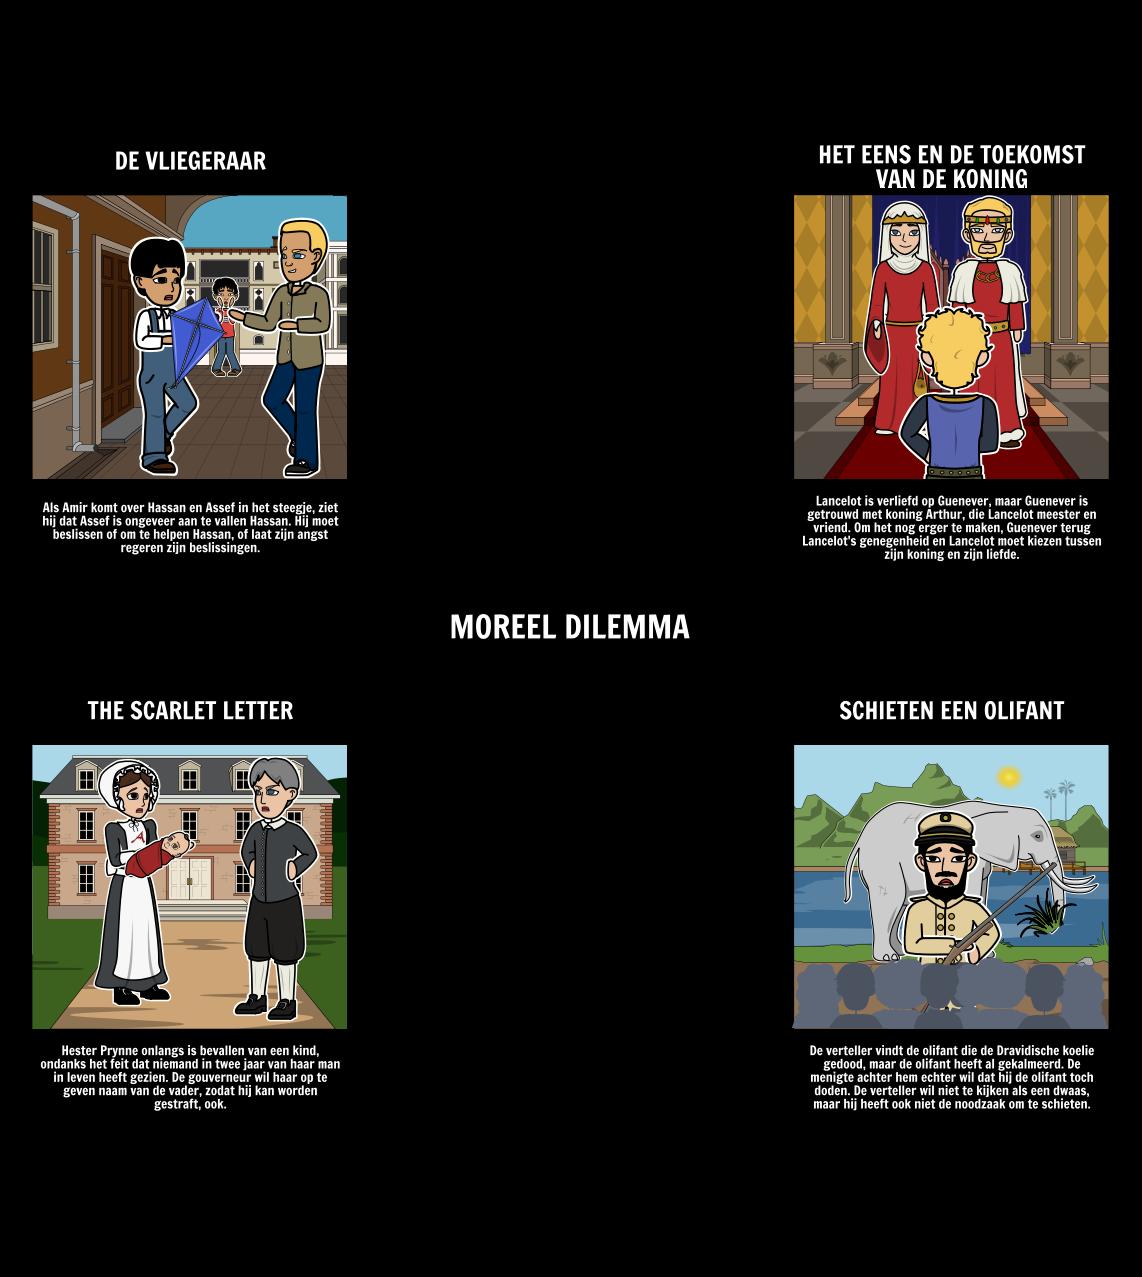 Voorbeelden van Morele Dilemma's in Literature